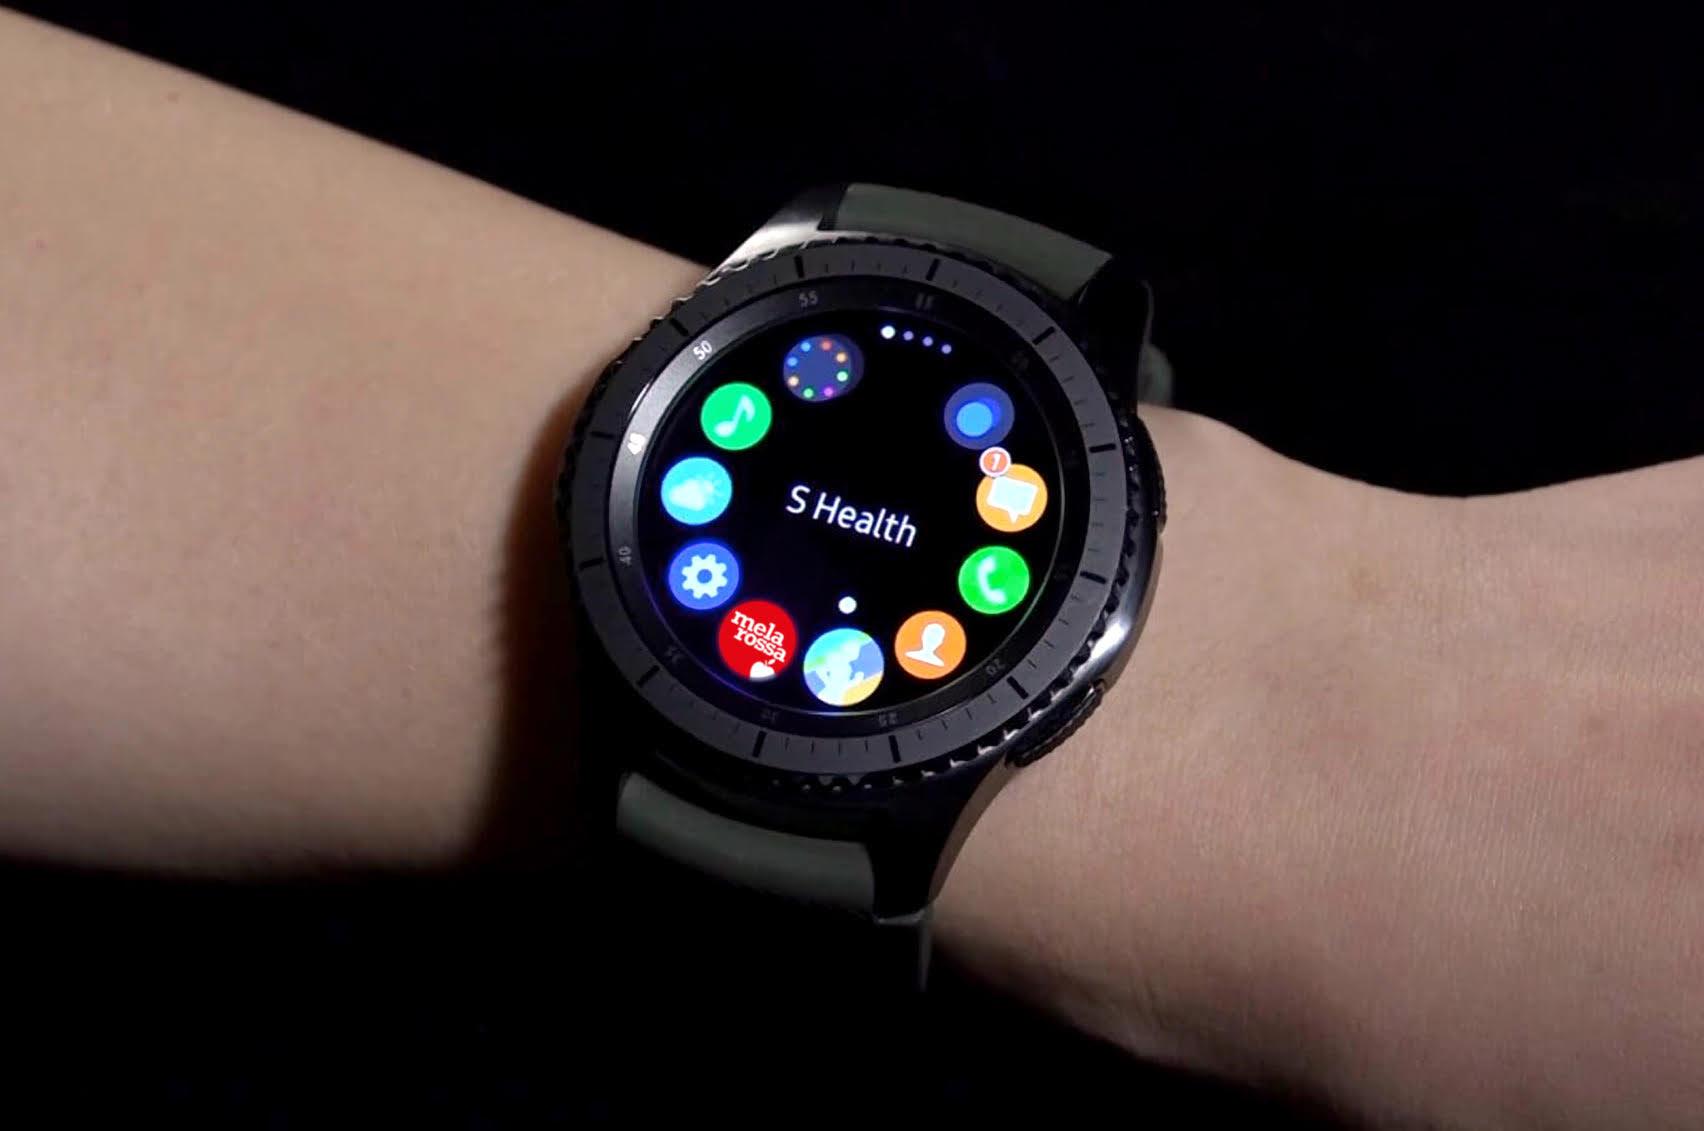 با انتشار آپدیت جدید طول عمر هر بار شارژ باطری Samsung Gear S3 به 40 روز رسید